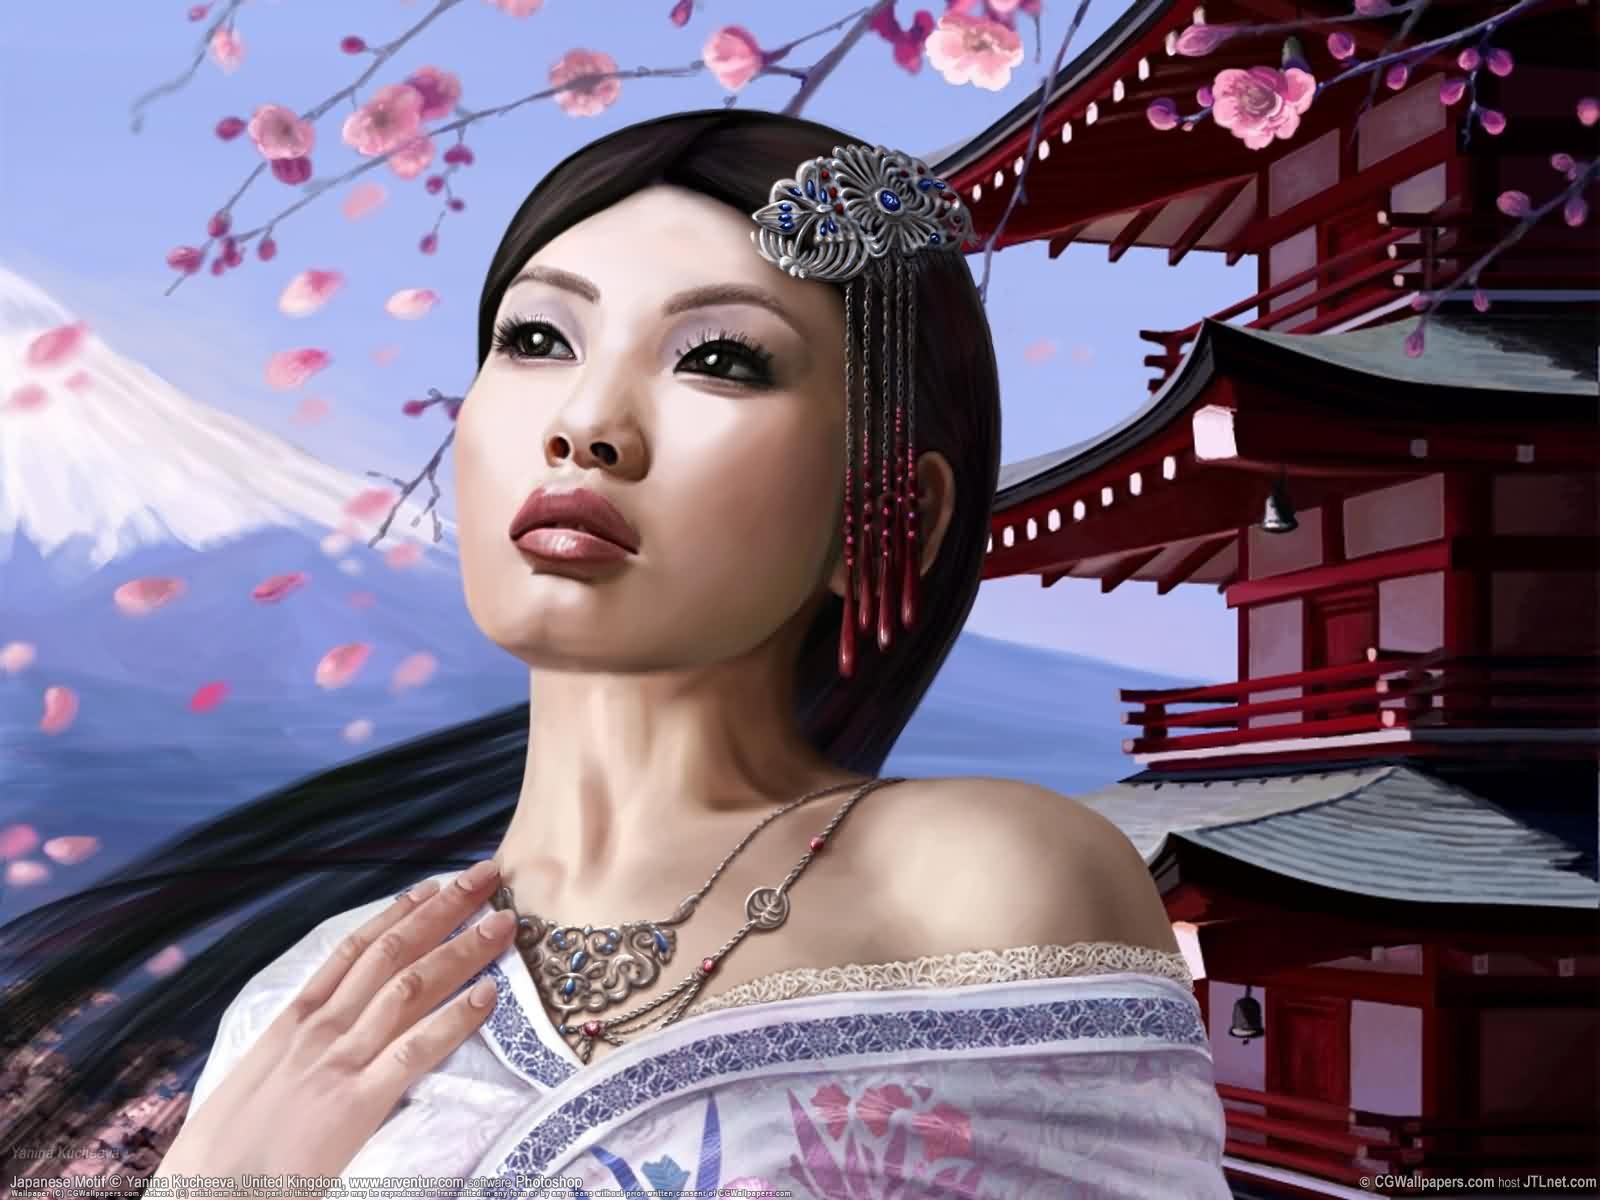 Правила секса у японцев 10 фотография